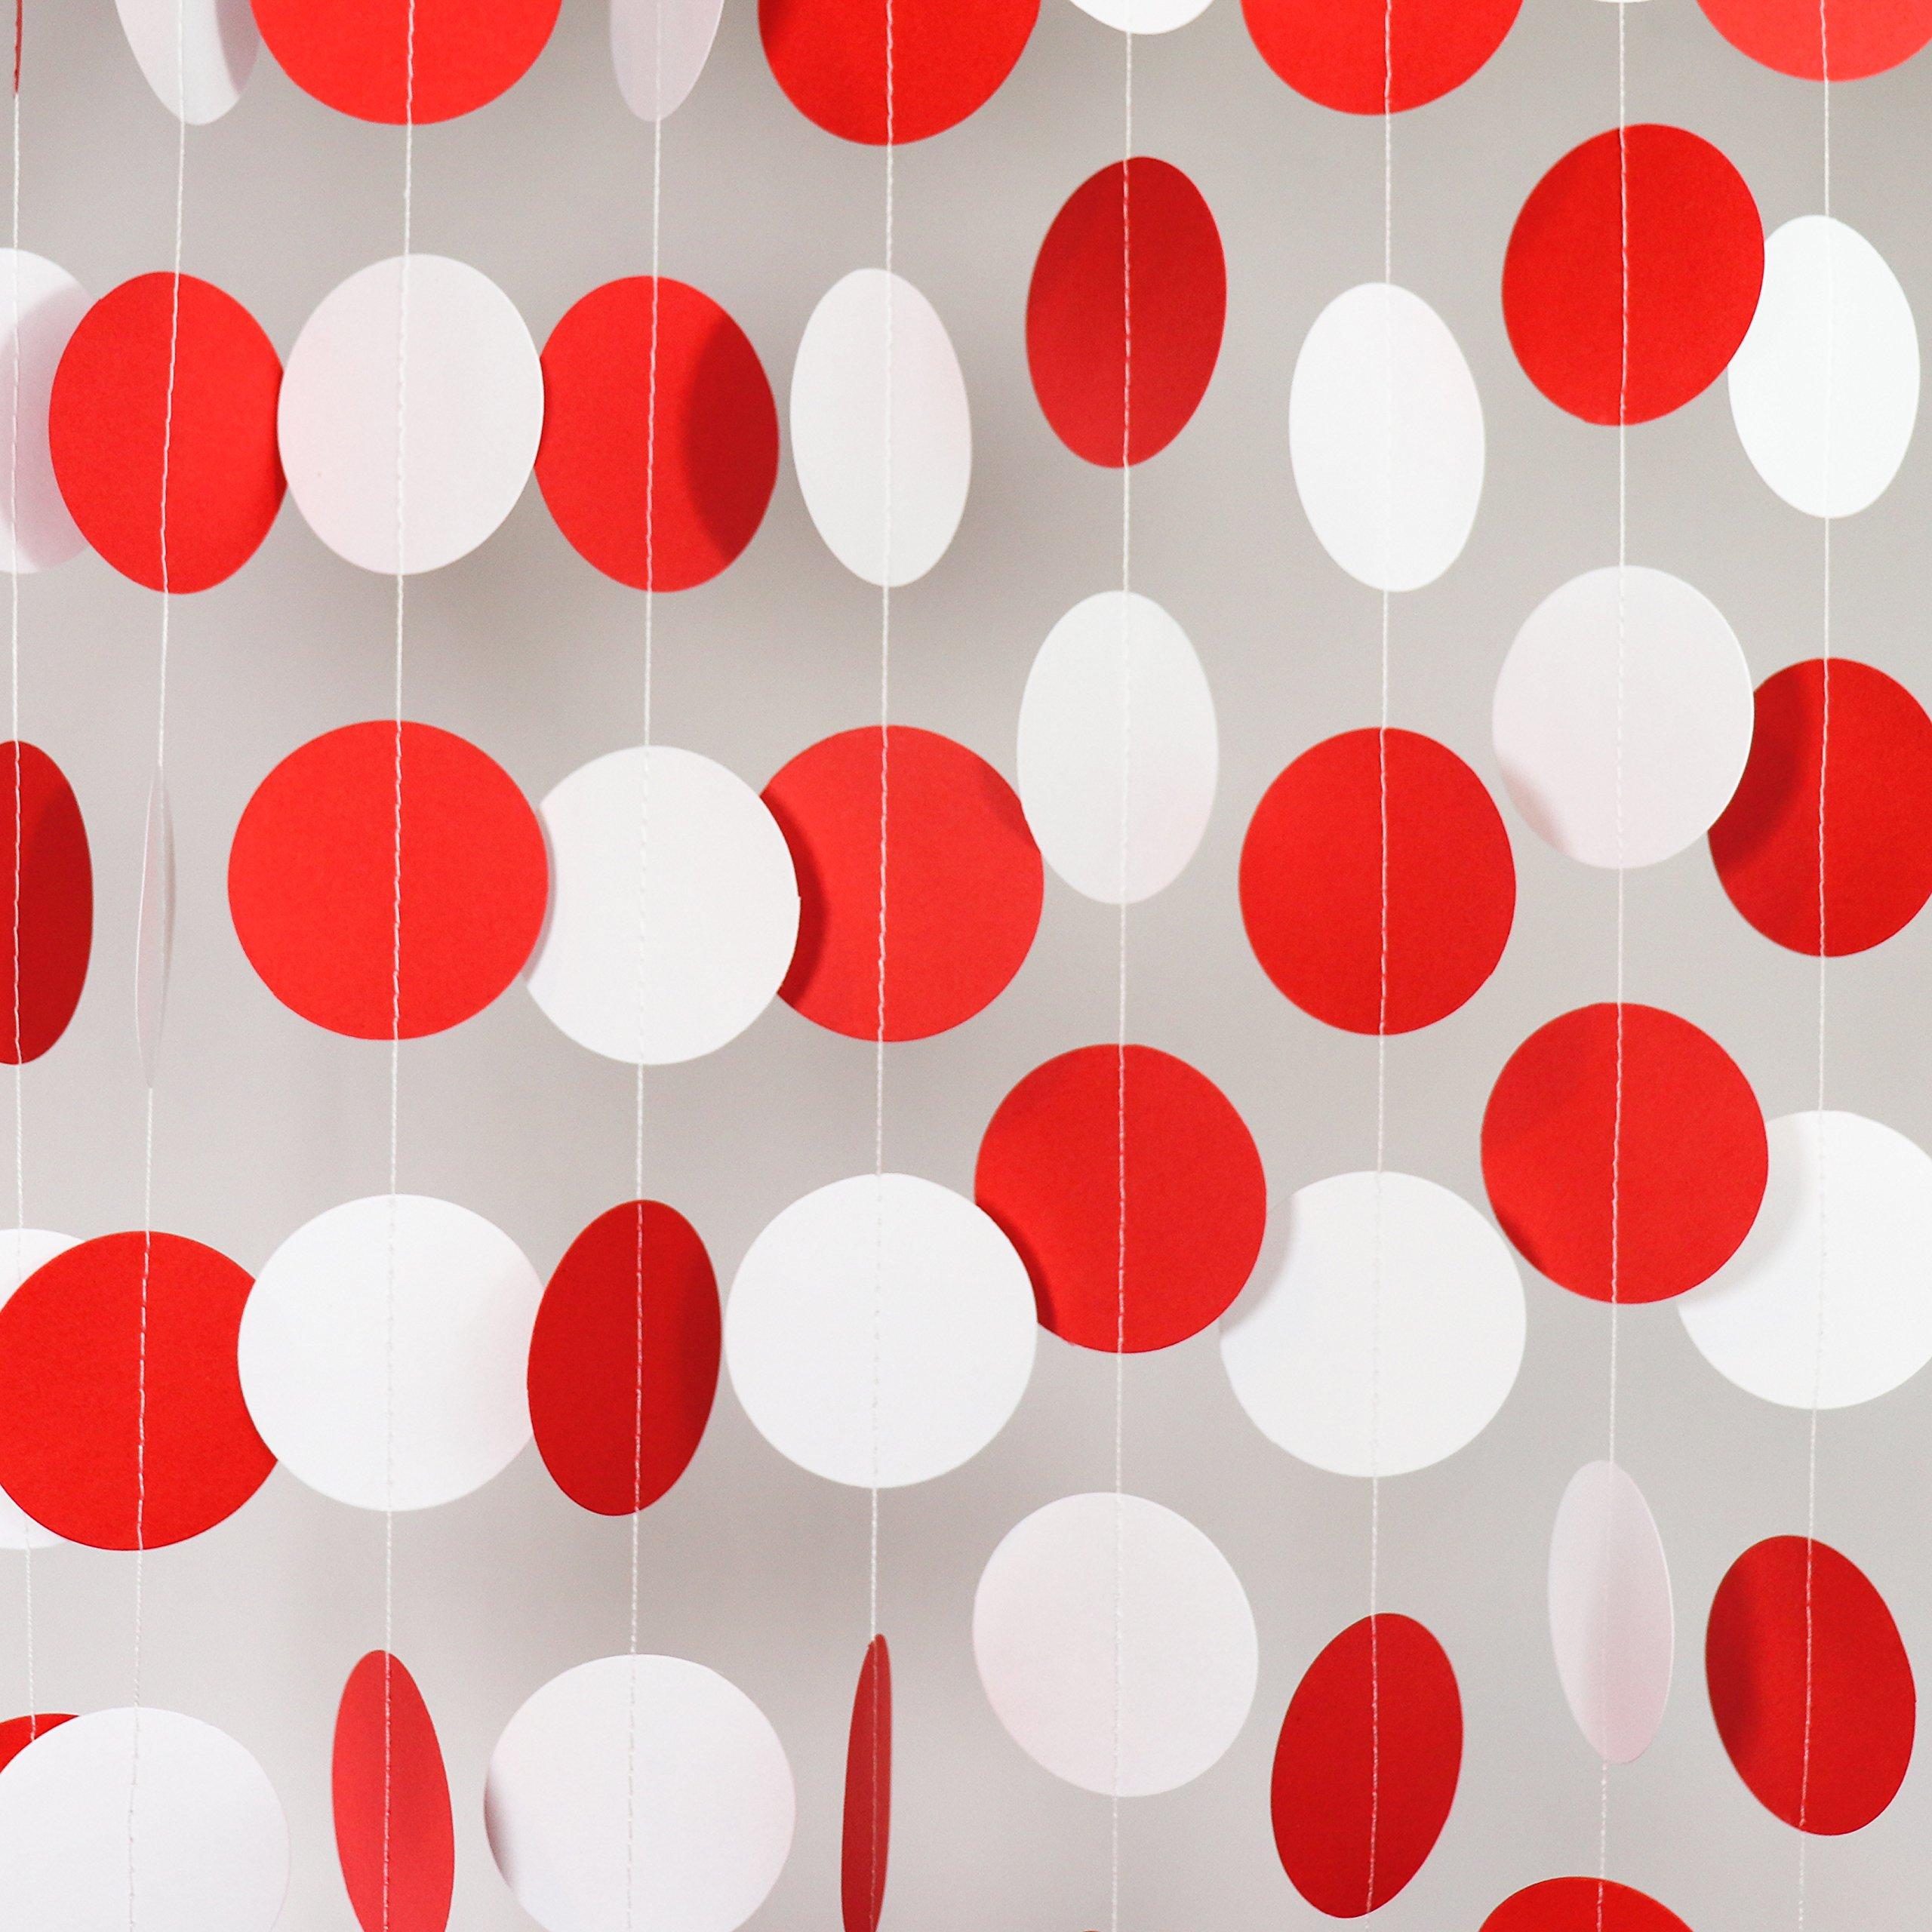 Ladybug Birthday Party Decoration Black White Red Tissue Paper Pom